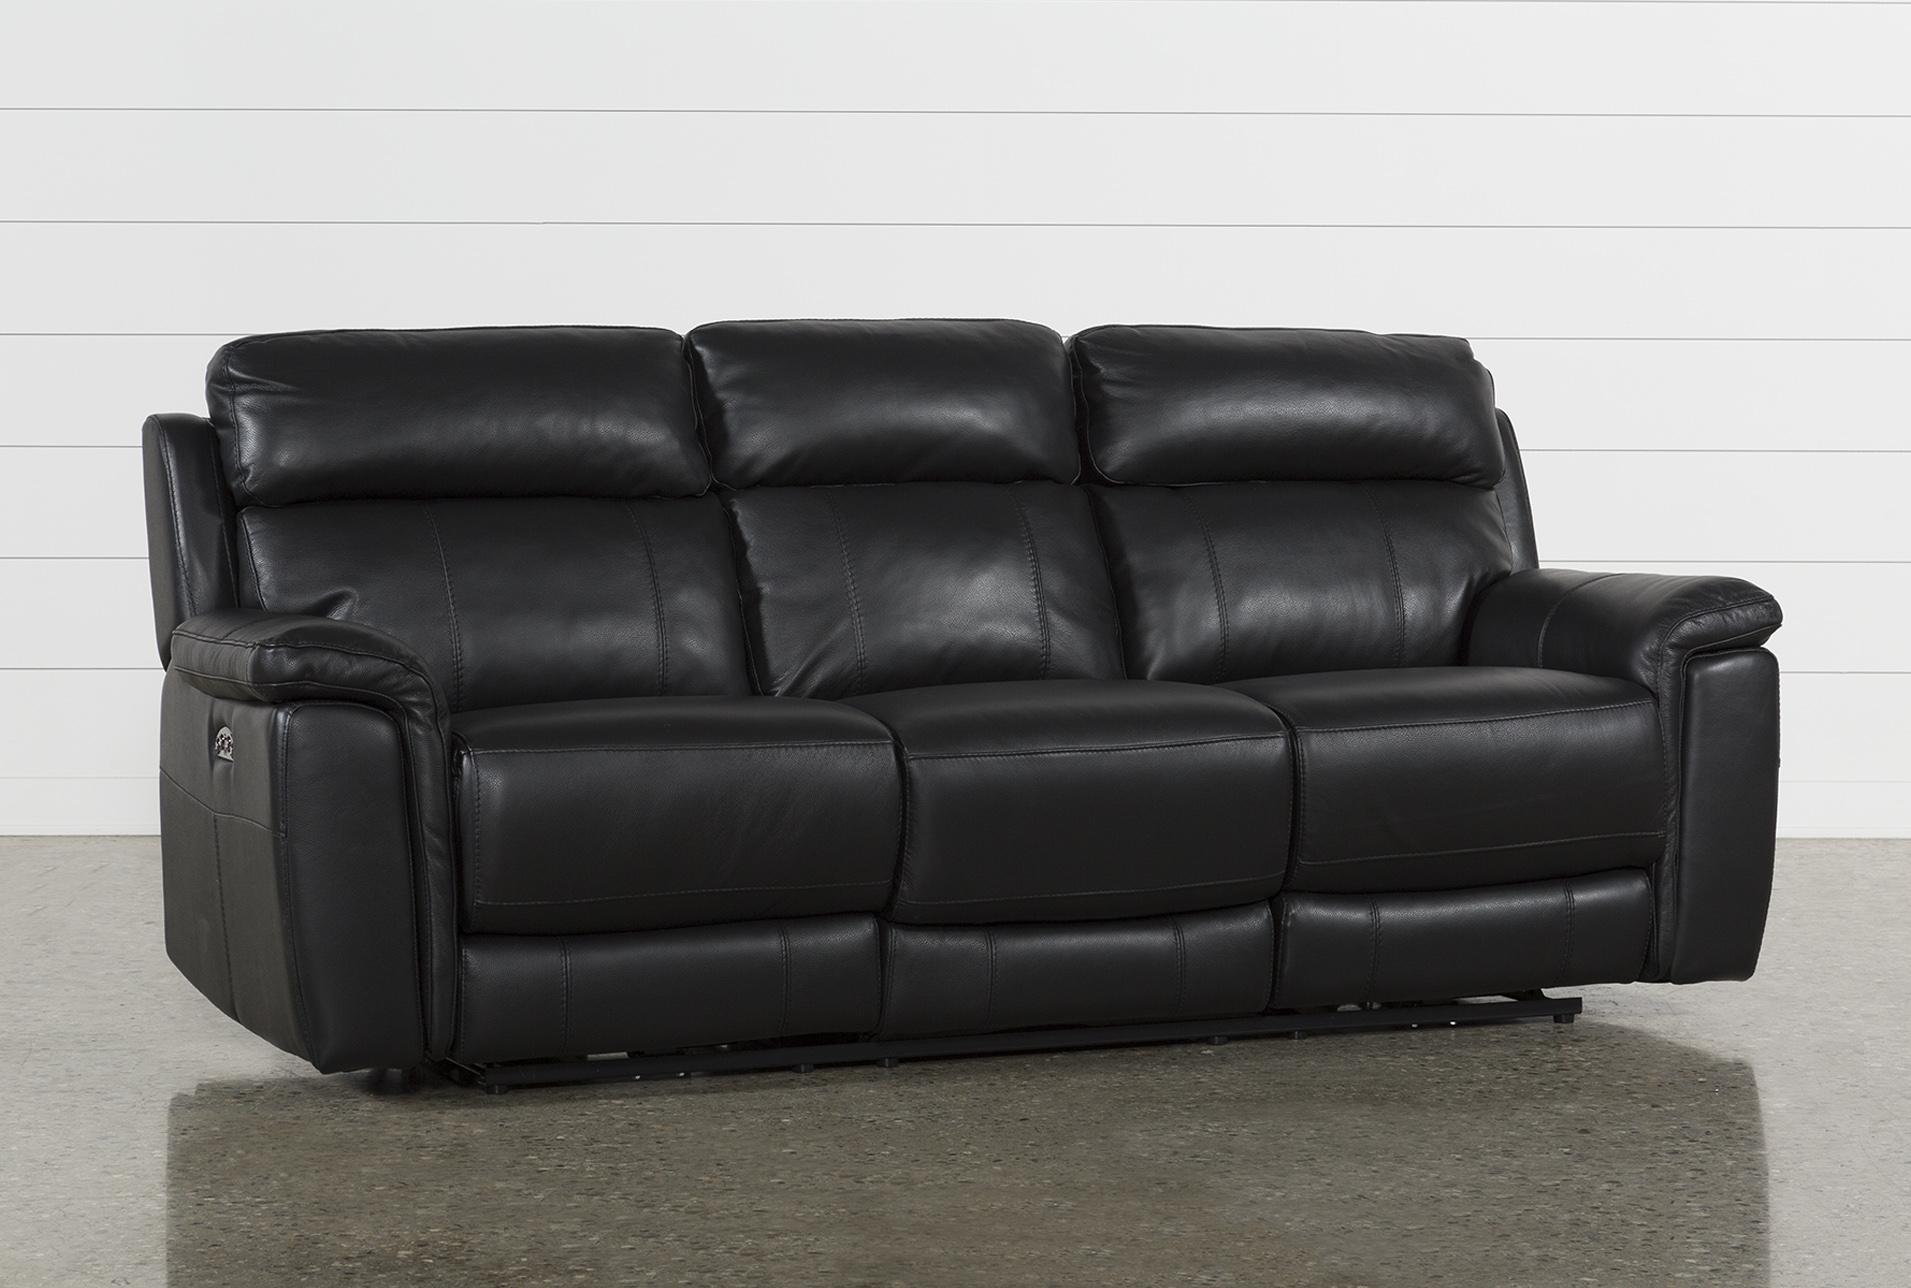 Dino Black Leather Power Reclining Sofa W/Power Headrest U0026 Usb